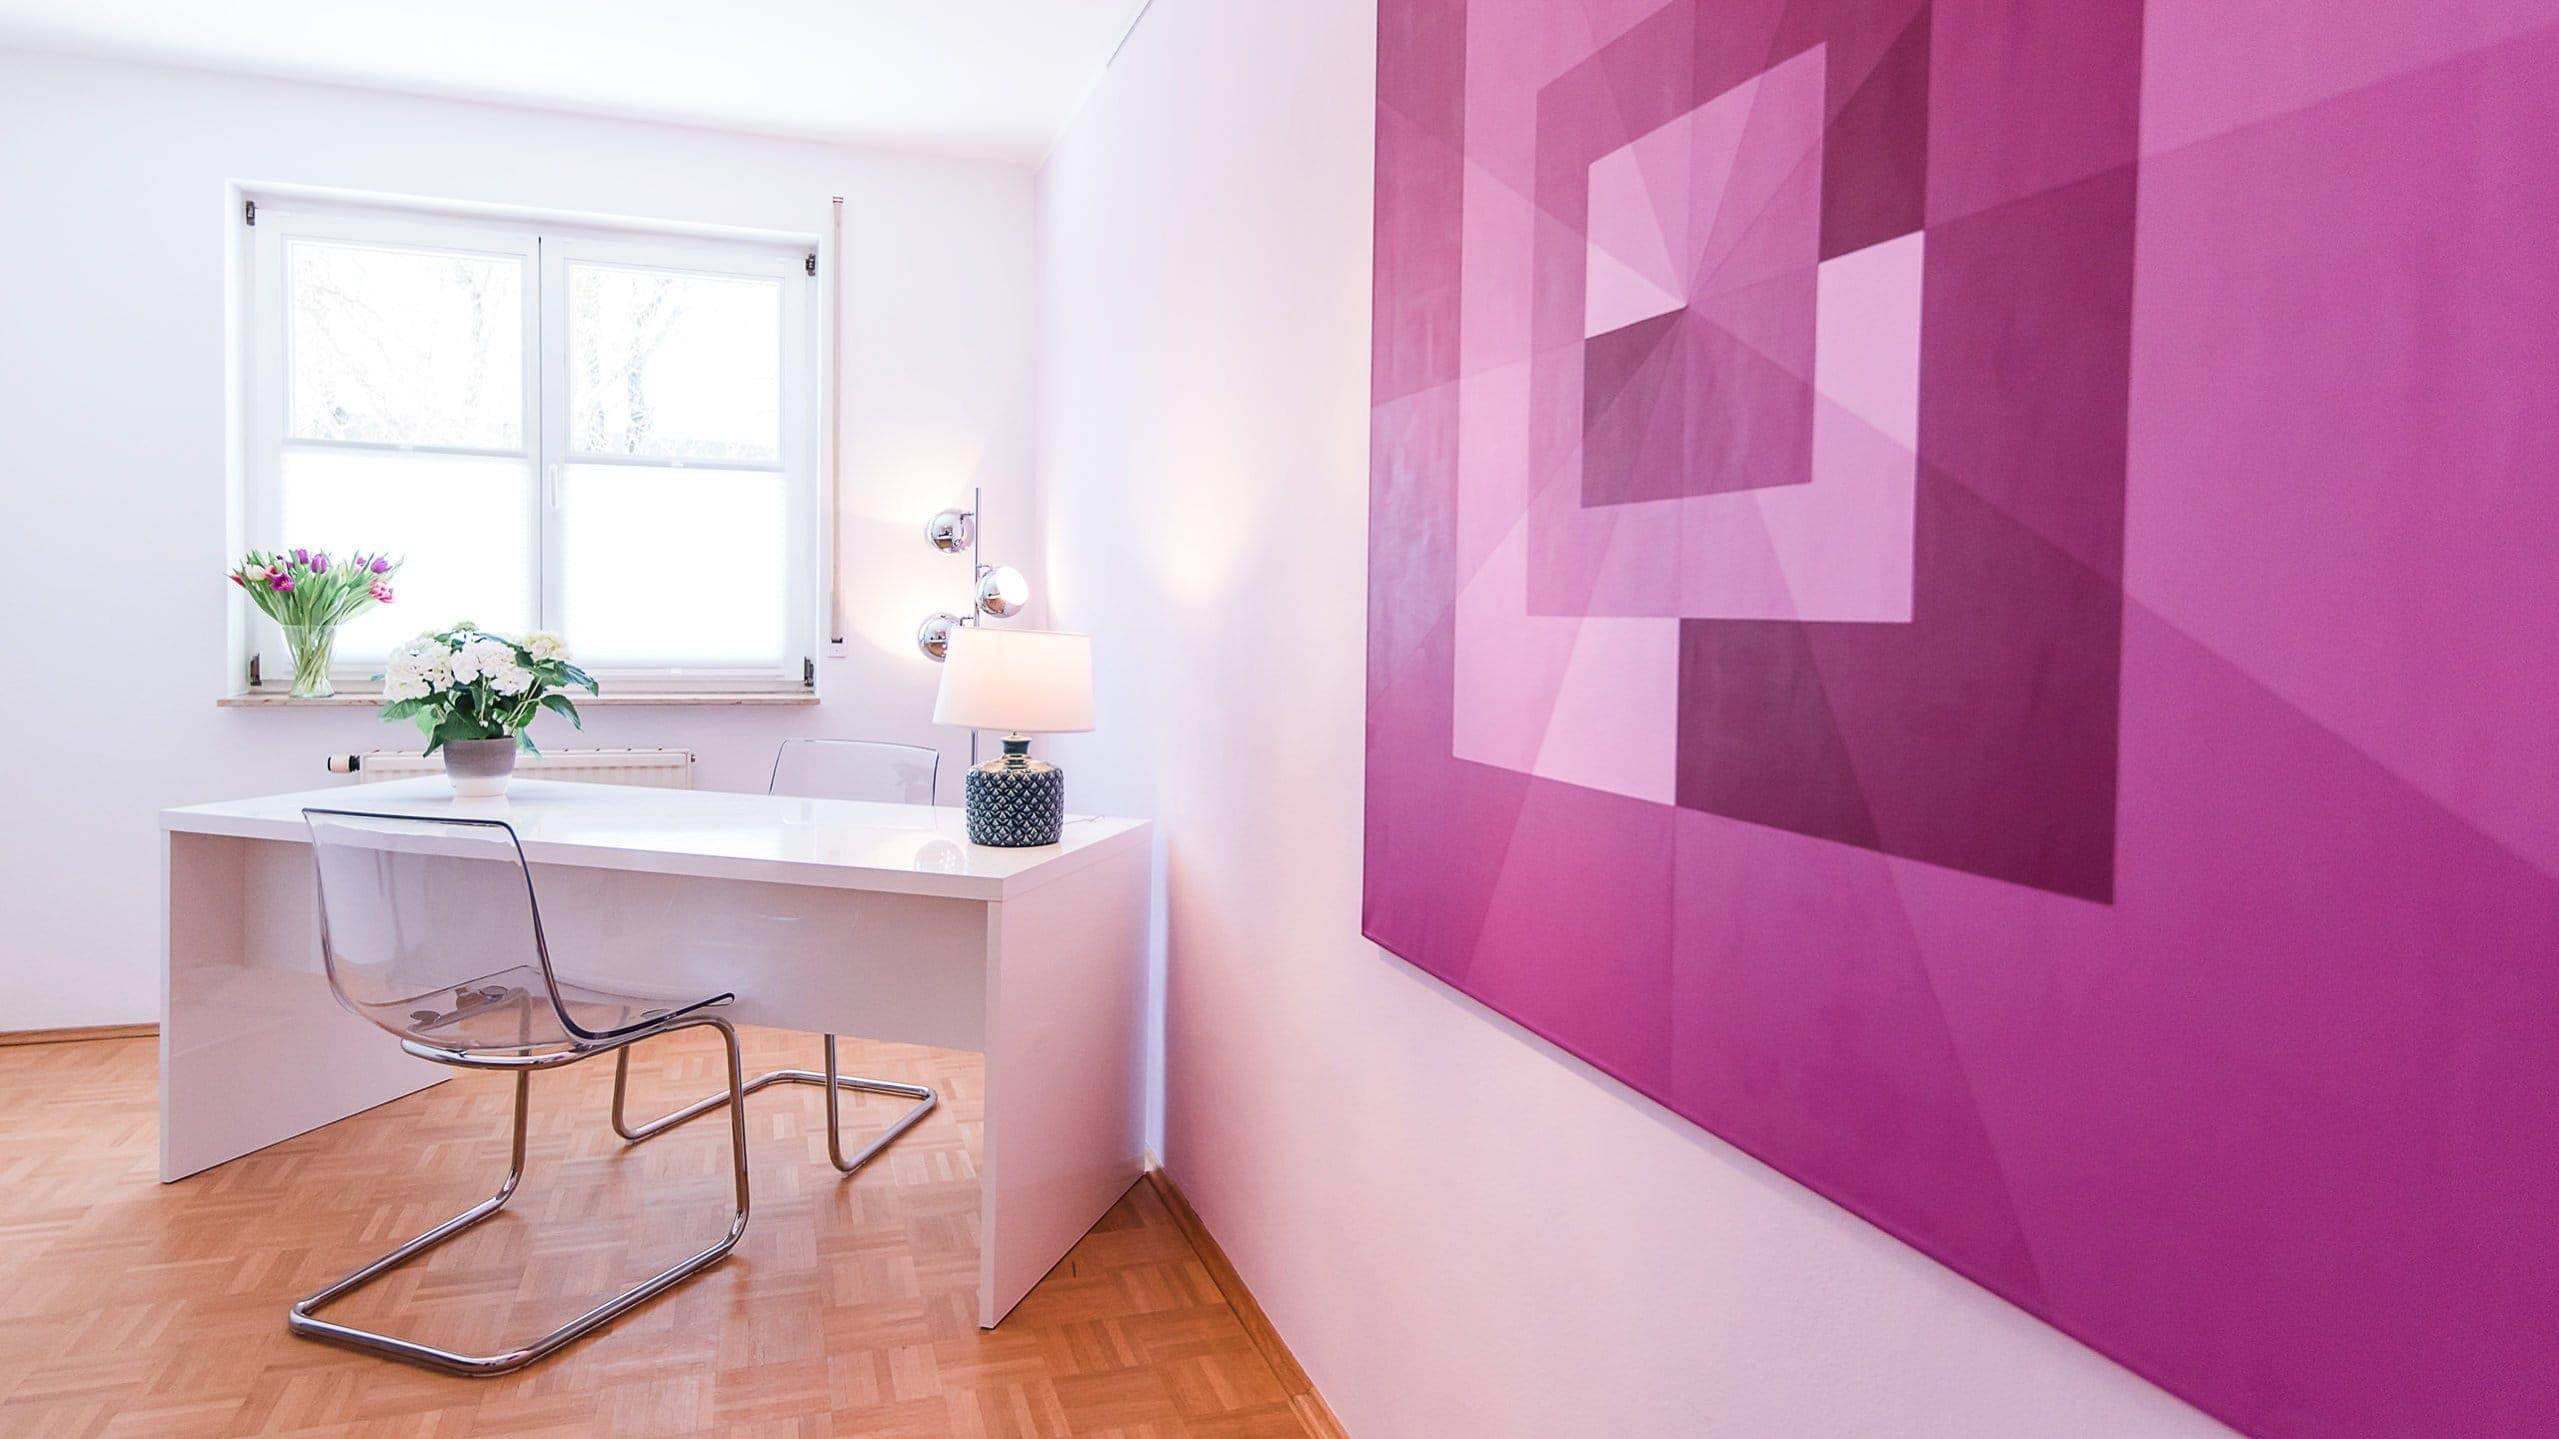 JungundWilddesign Business Architektur Interior 013